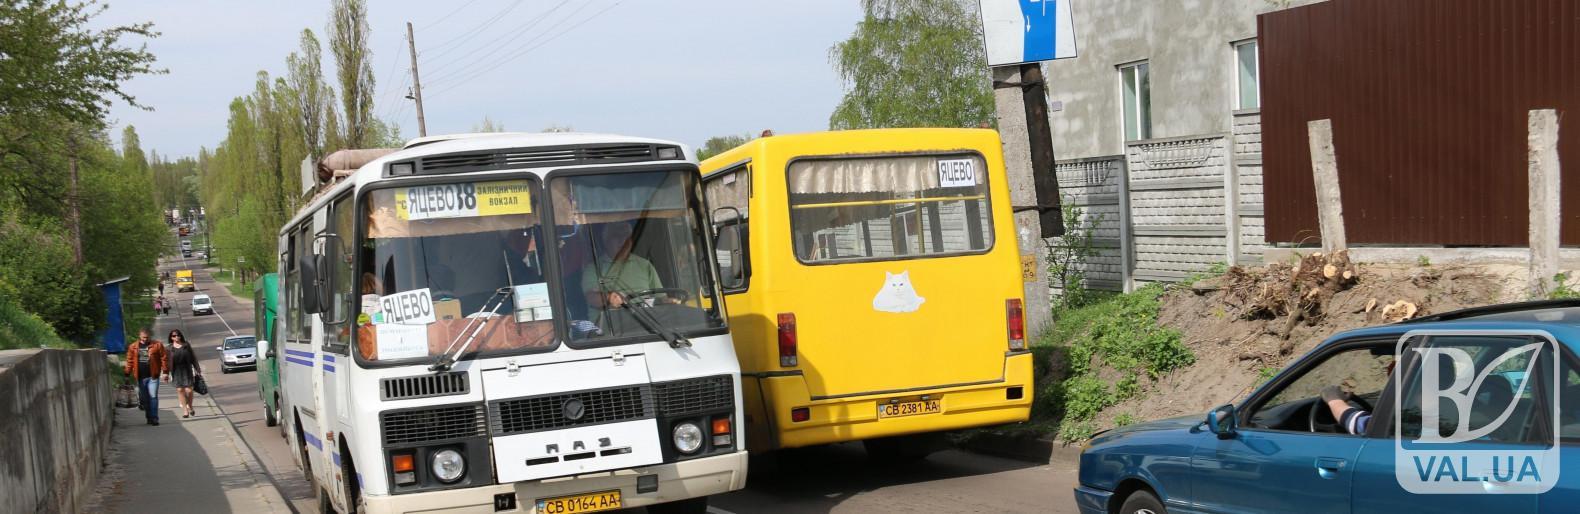 У Чернігові автовласникам пропонують альтернативний маршрут на поминальні дні